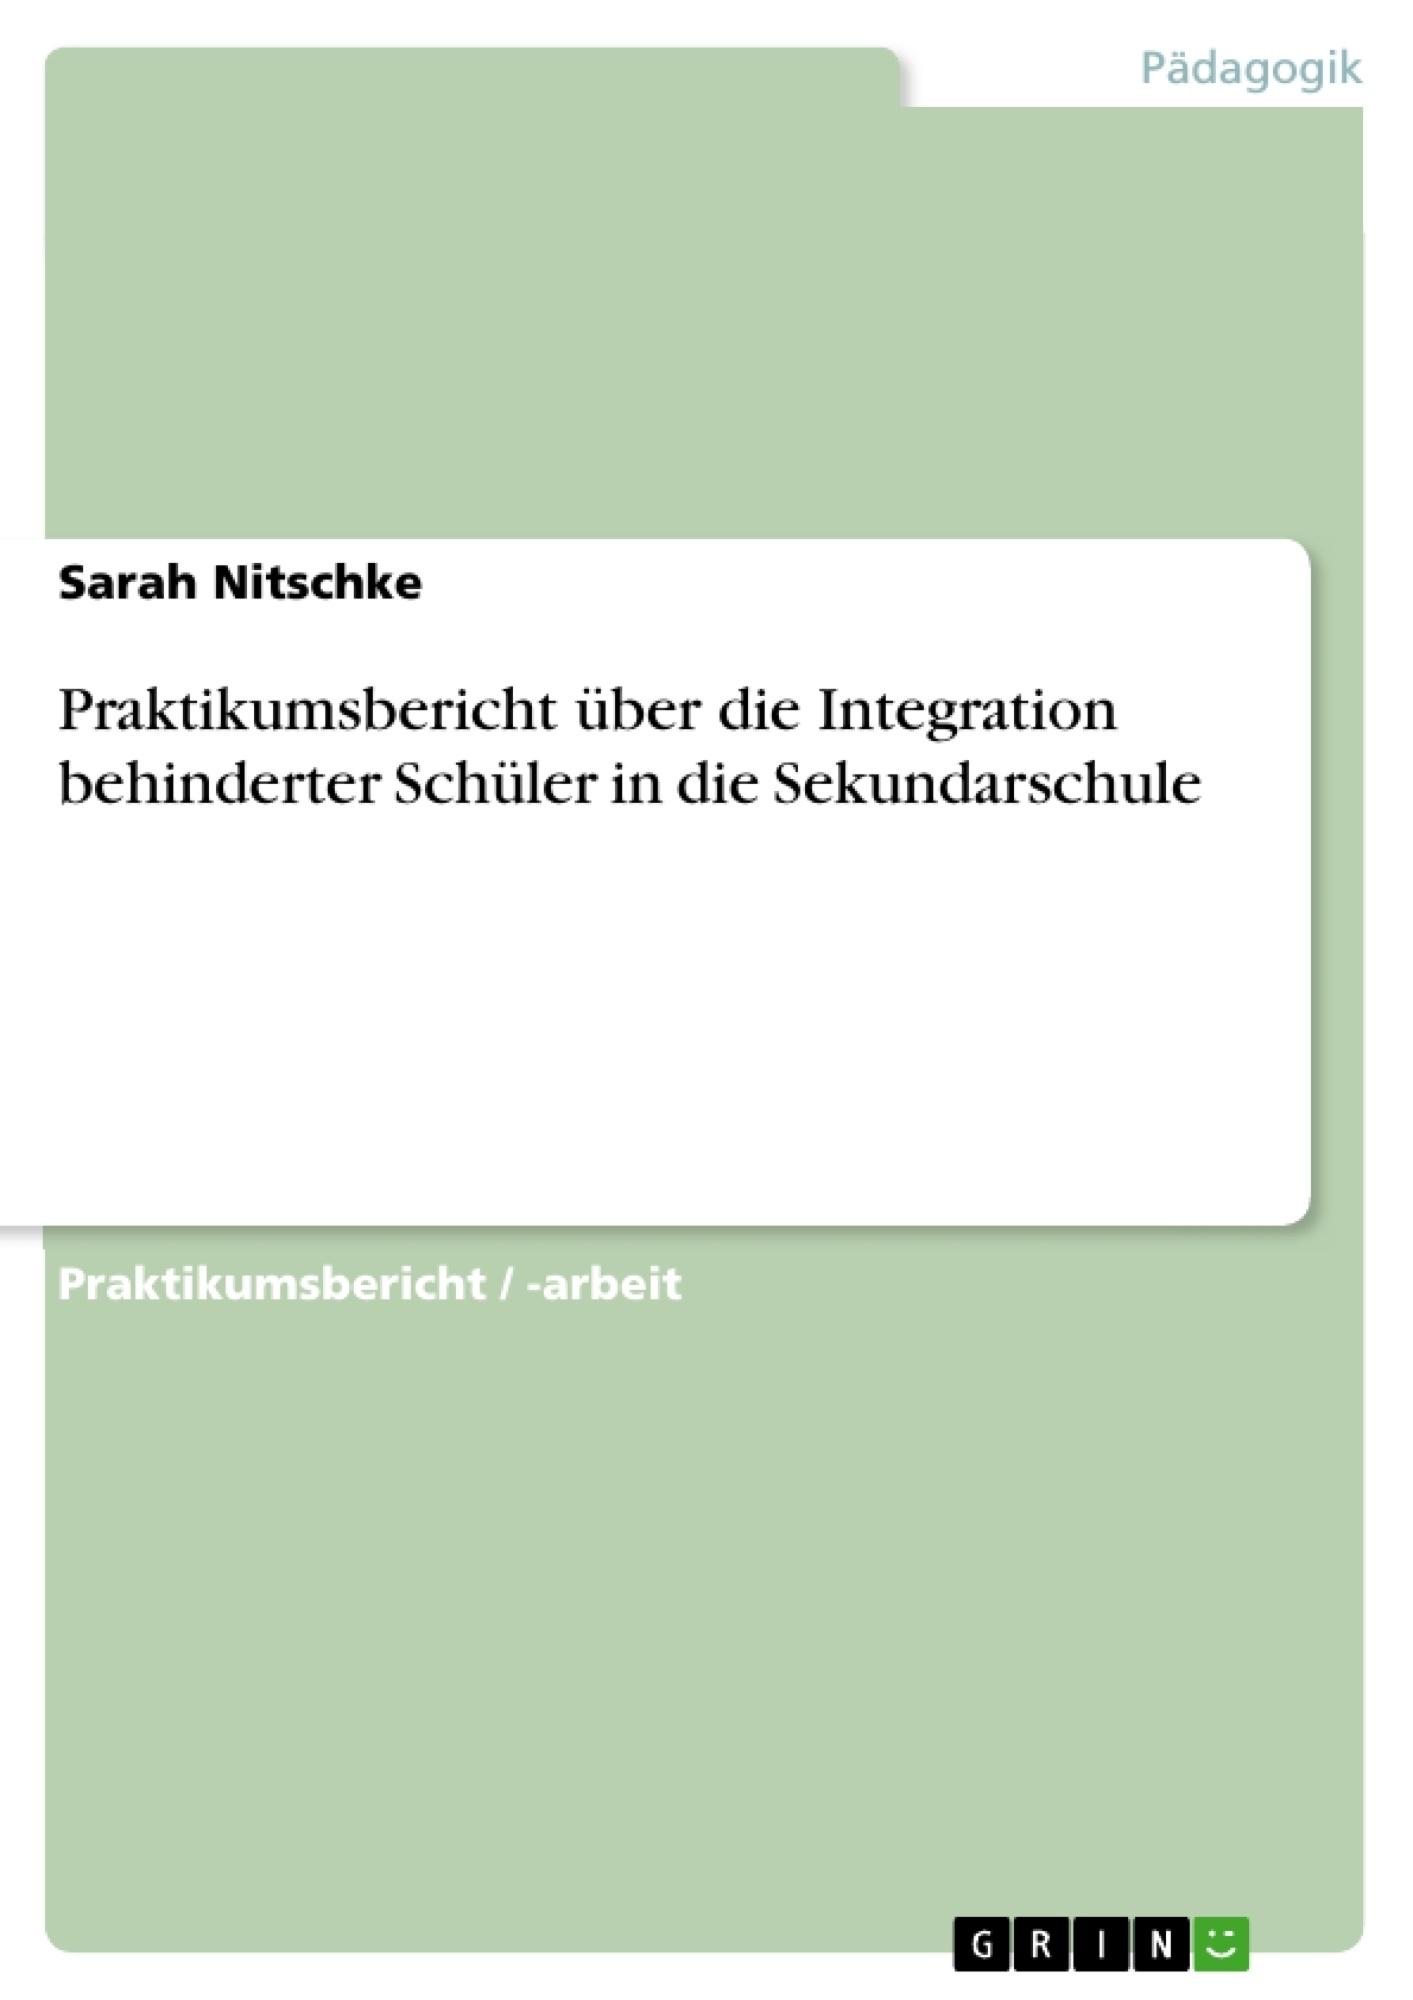 Titel: Praktikumsbericht über die Integration behinderter Schüler in die Sekundarschule